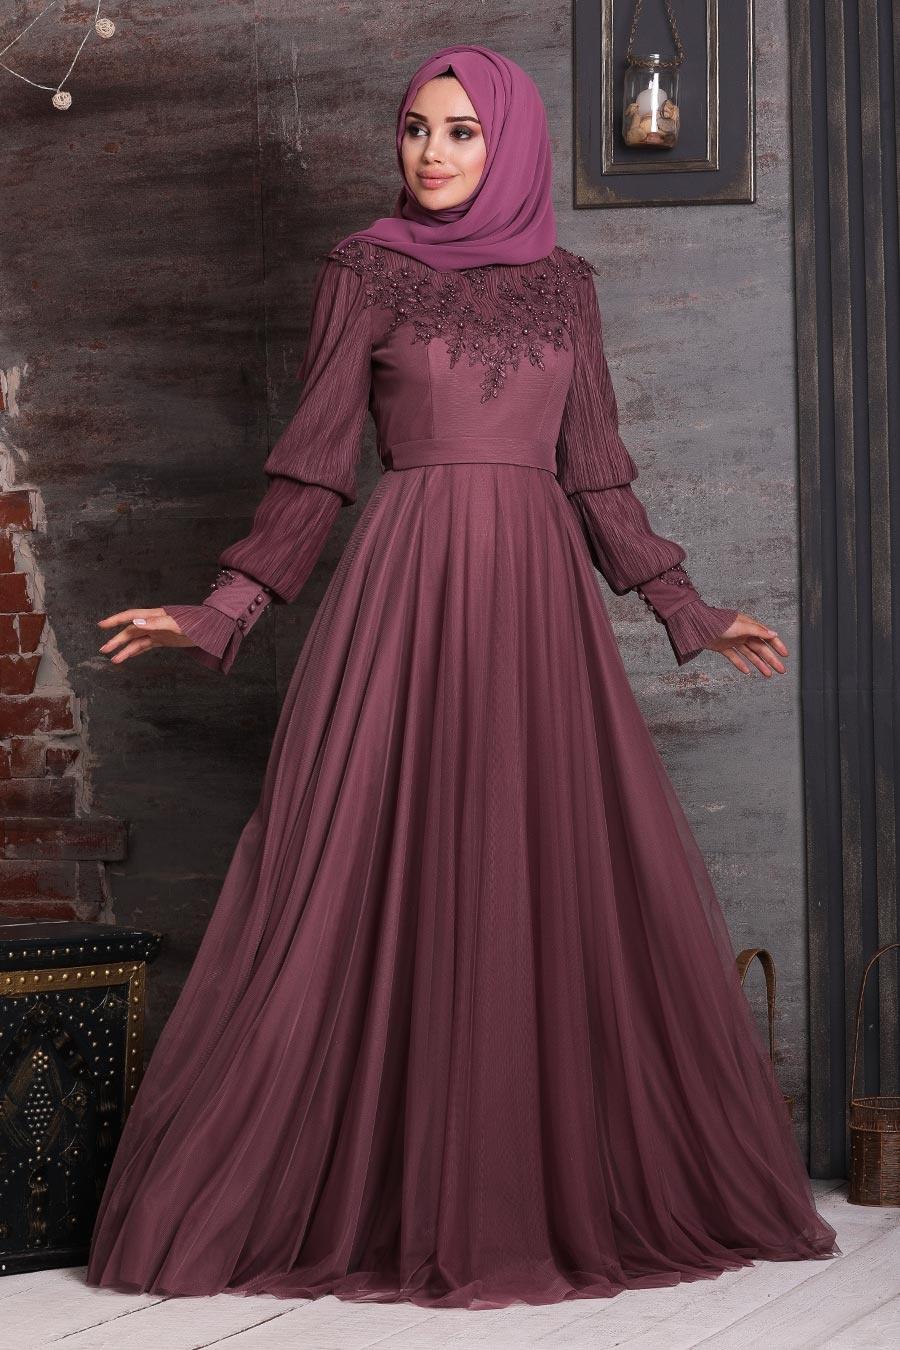 Tesettürlü Abiye Elbise - Üzeri Boncuk İşlemeli Koyu Gül Kurusu Tesettür Abiye Elbise 21780KGK